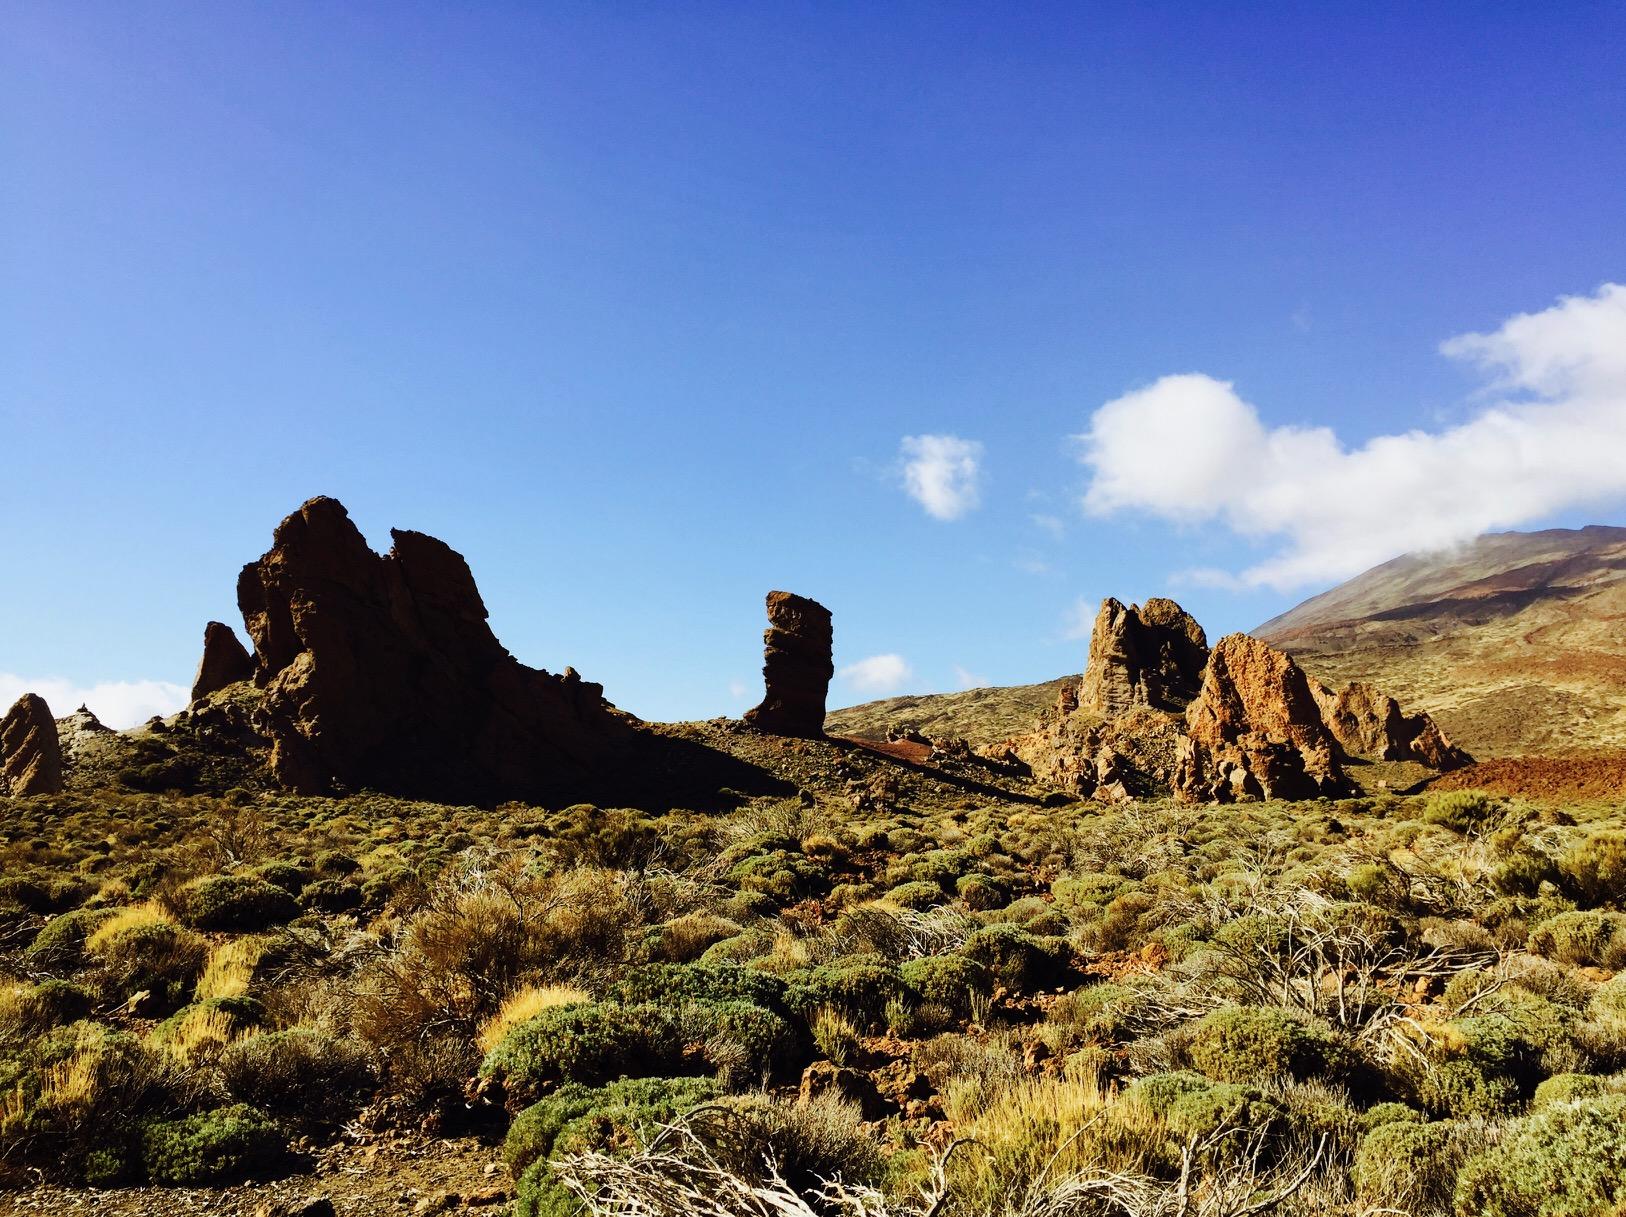 Karge Landschaft im El Teide Nationalpark